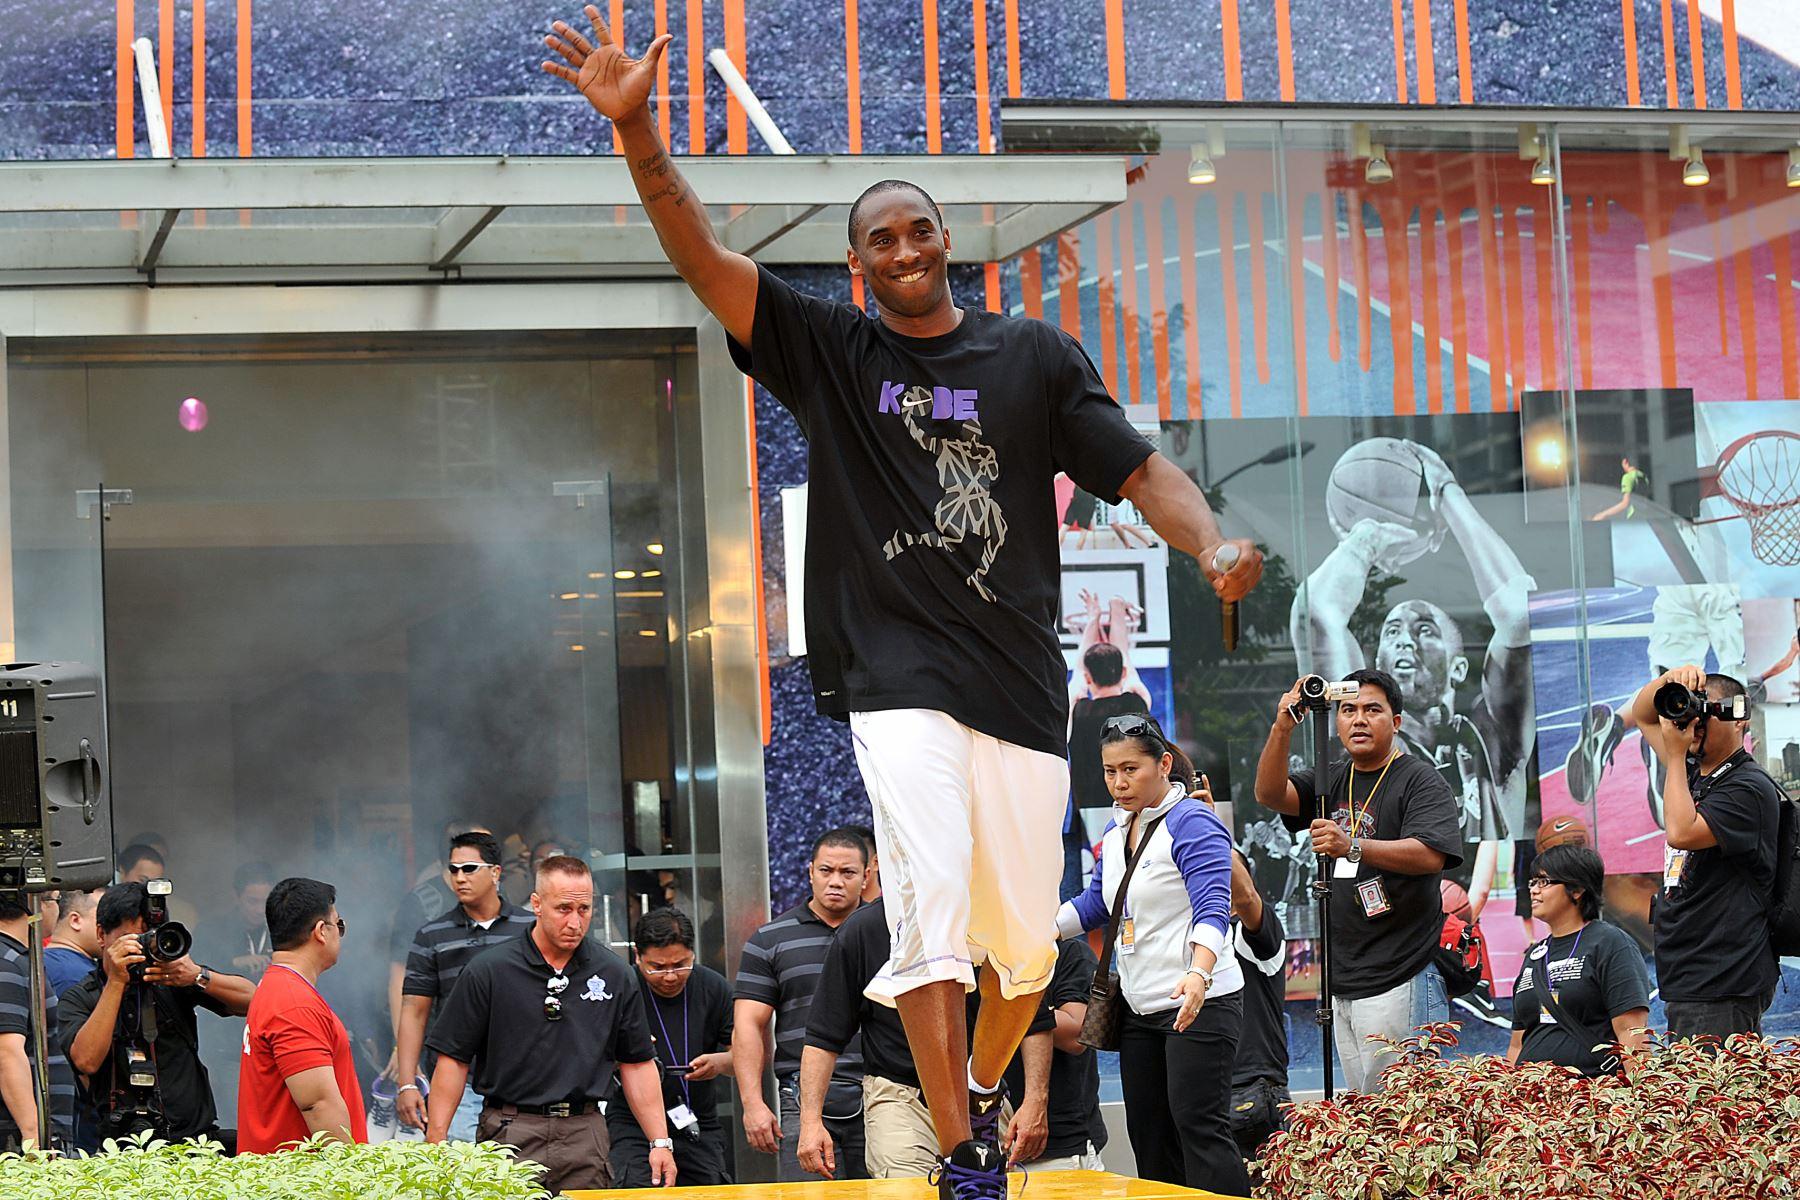 En esta foto de archivo tomada el 21 de julio de 2009, el jugador estadounidense de baskeball Kobe Bryant de Los Angeles Lakers saluda a los fanáticos cuando llega a un evento de caridad como parte de su gira asiática en Manila.Foto:AFP